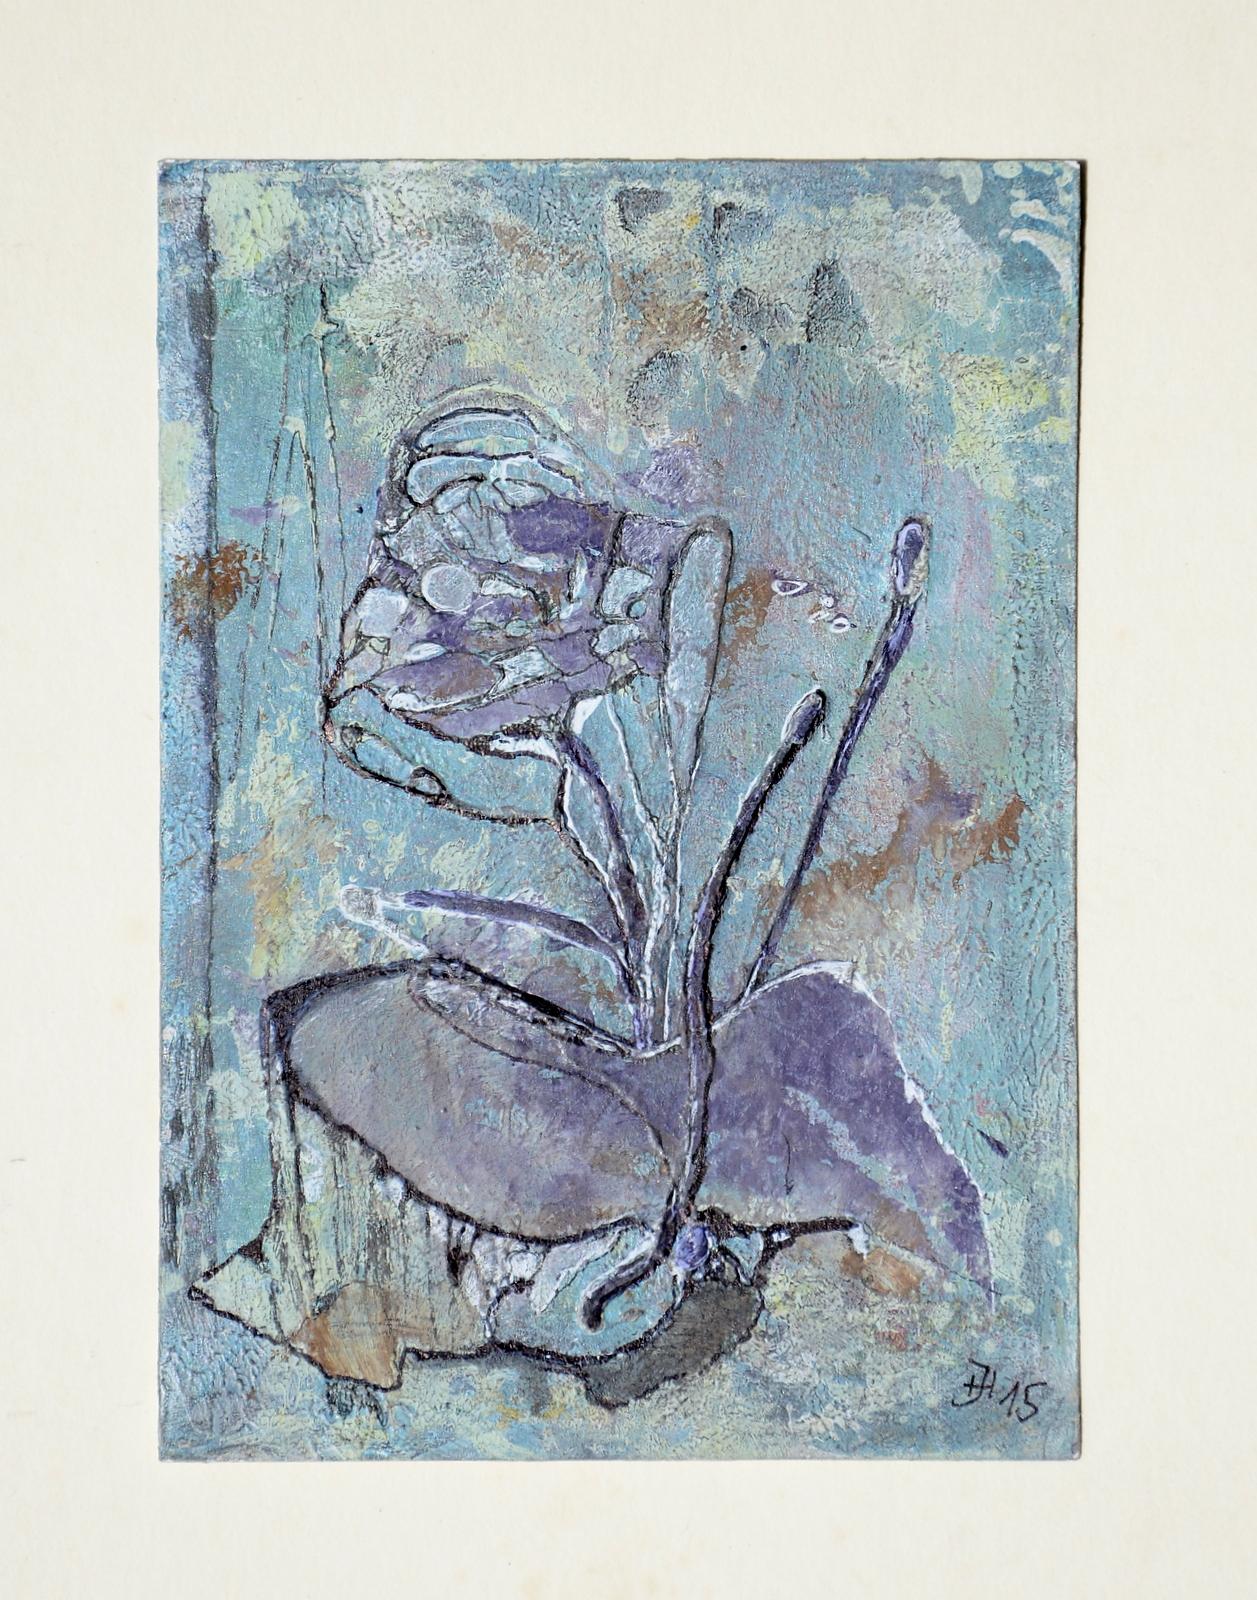 violett vor blau ,10,5x15cm,acryl auf papier,2015.JPG